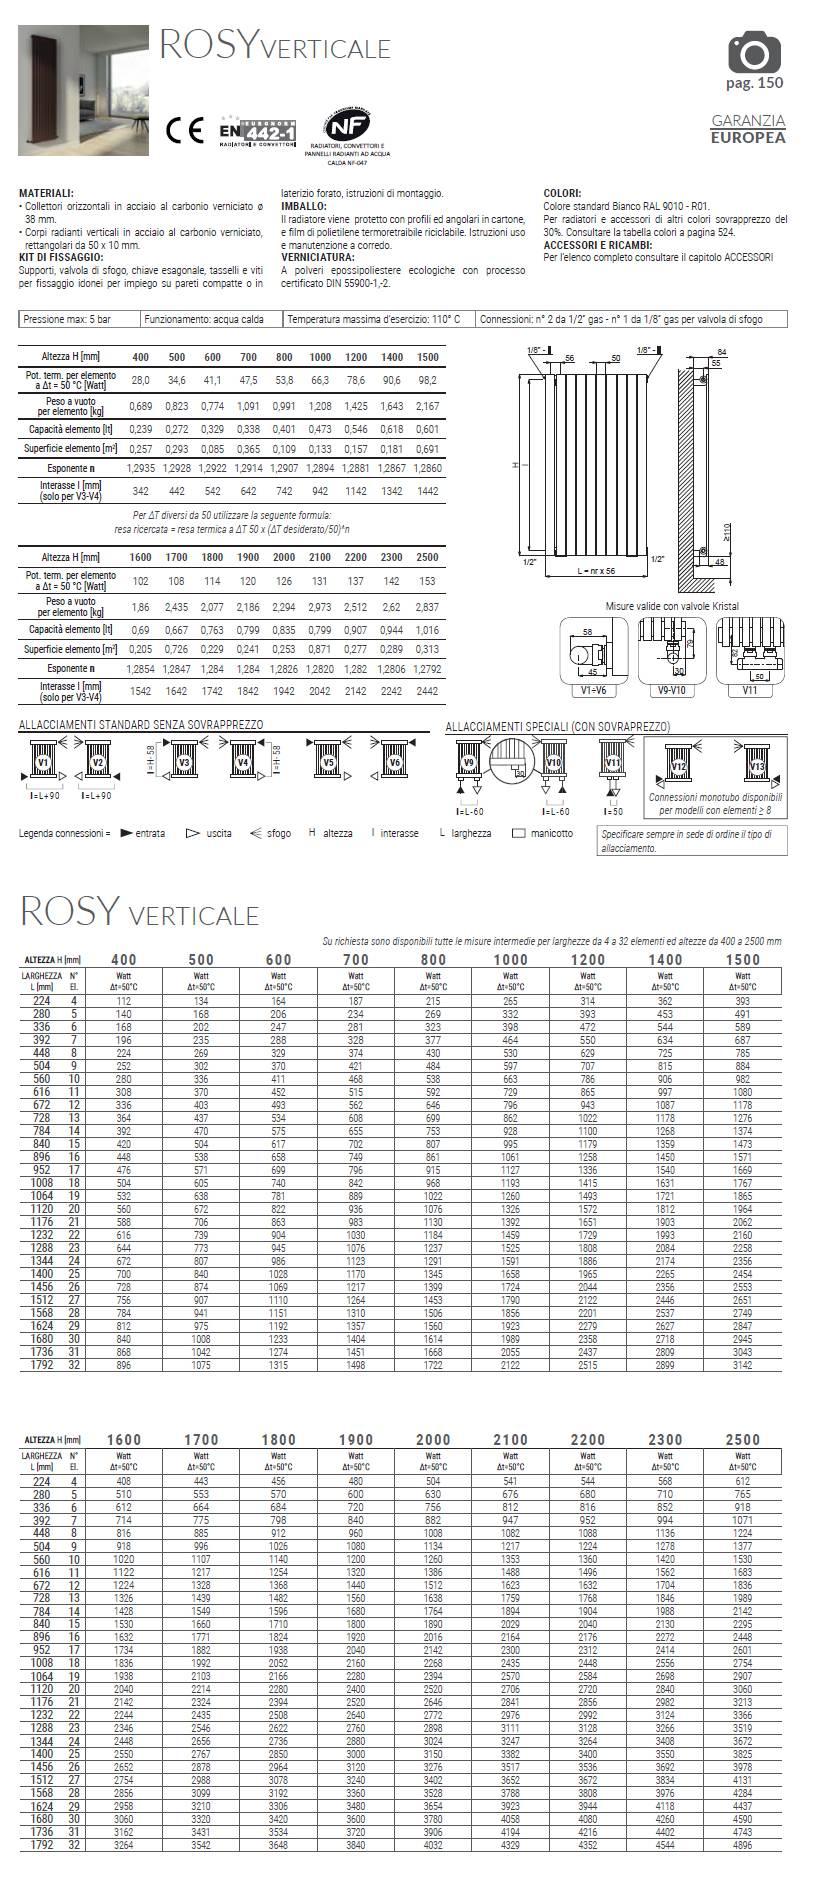 Datenheet-Technisch-Heizkörper-leben-Rich-senzial-Cordivari